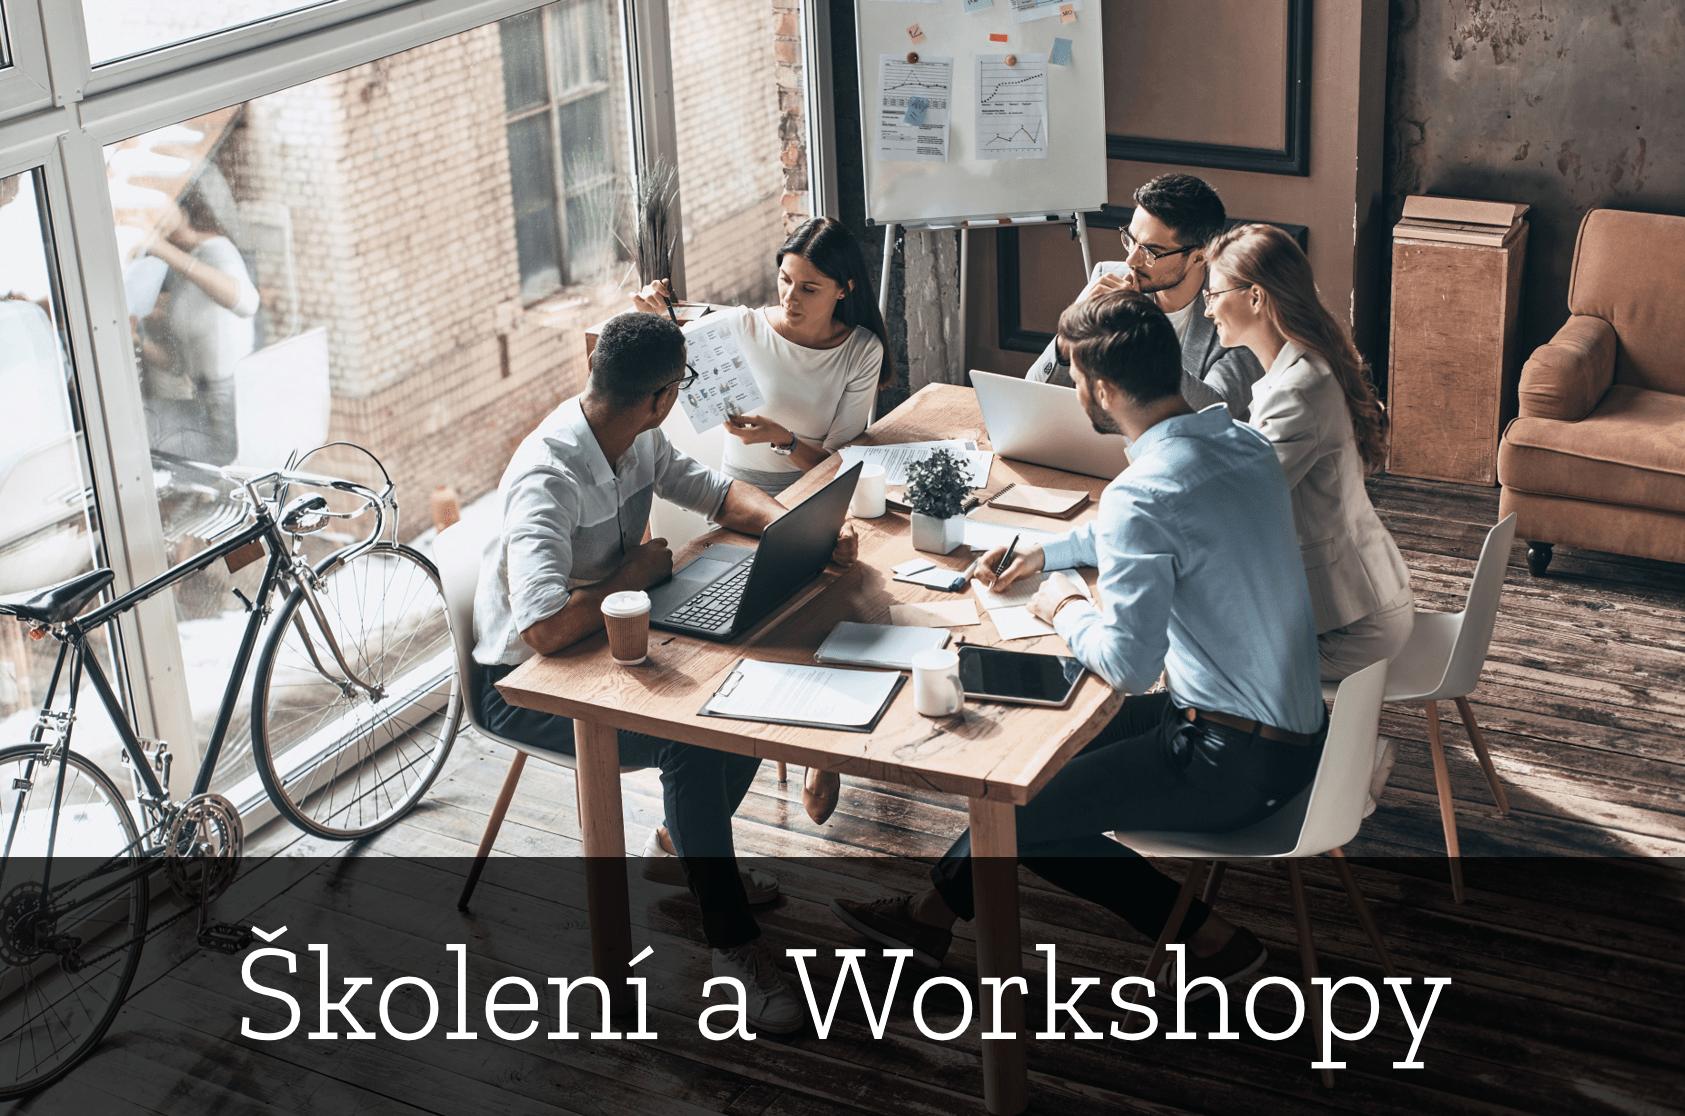 Školení a Workshopy